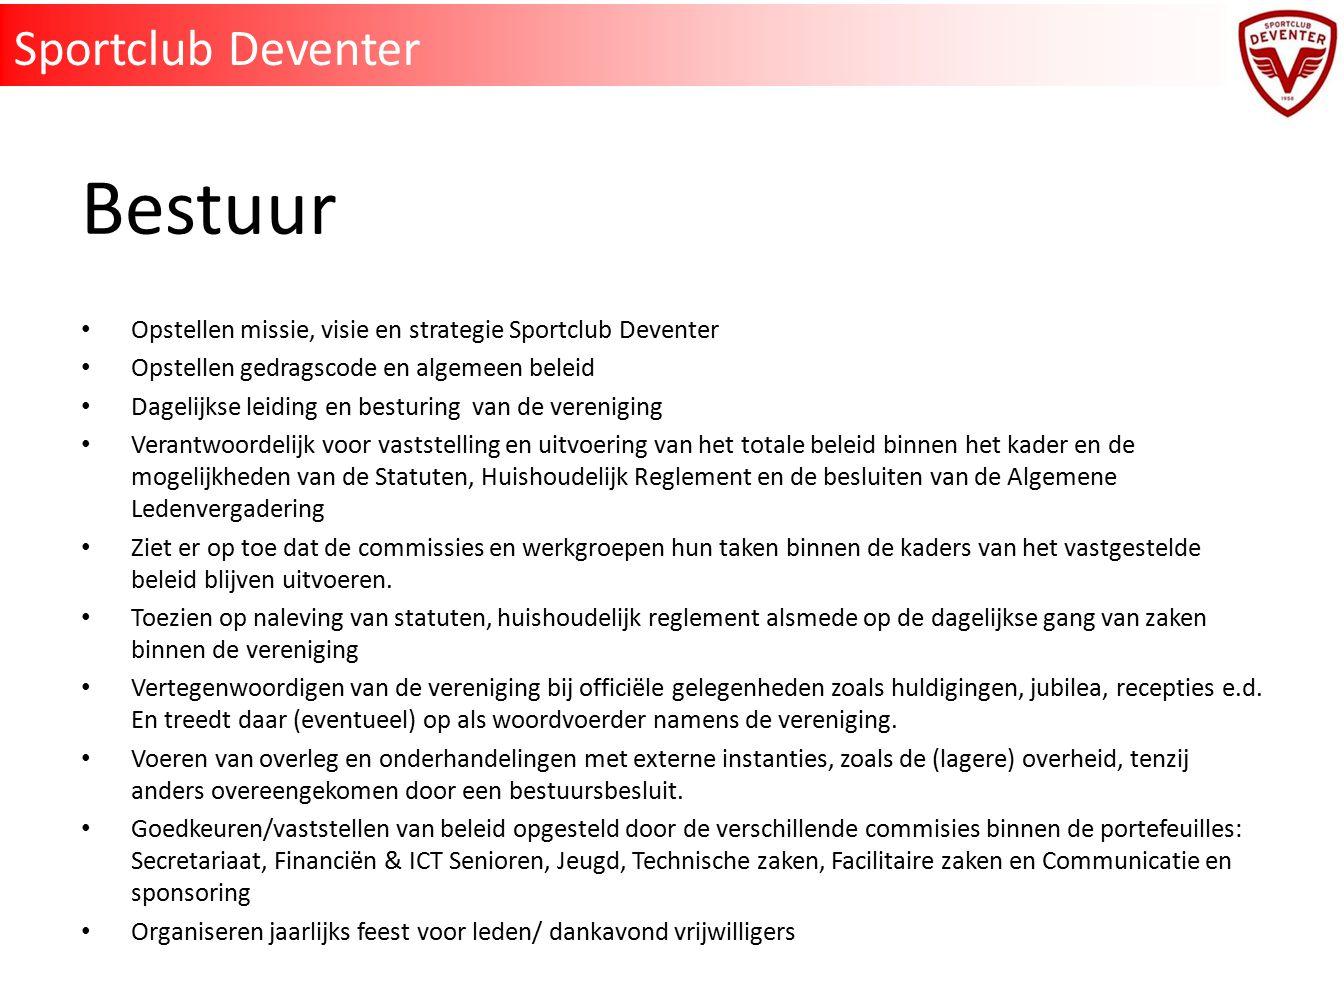 Bestuur Sportclub Deventer